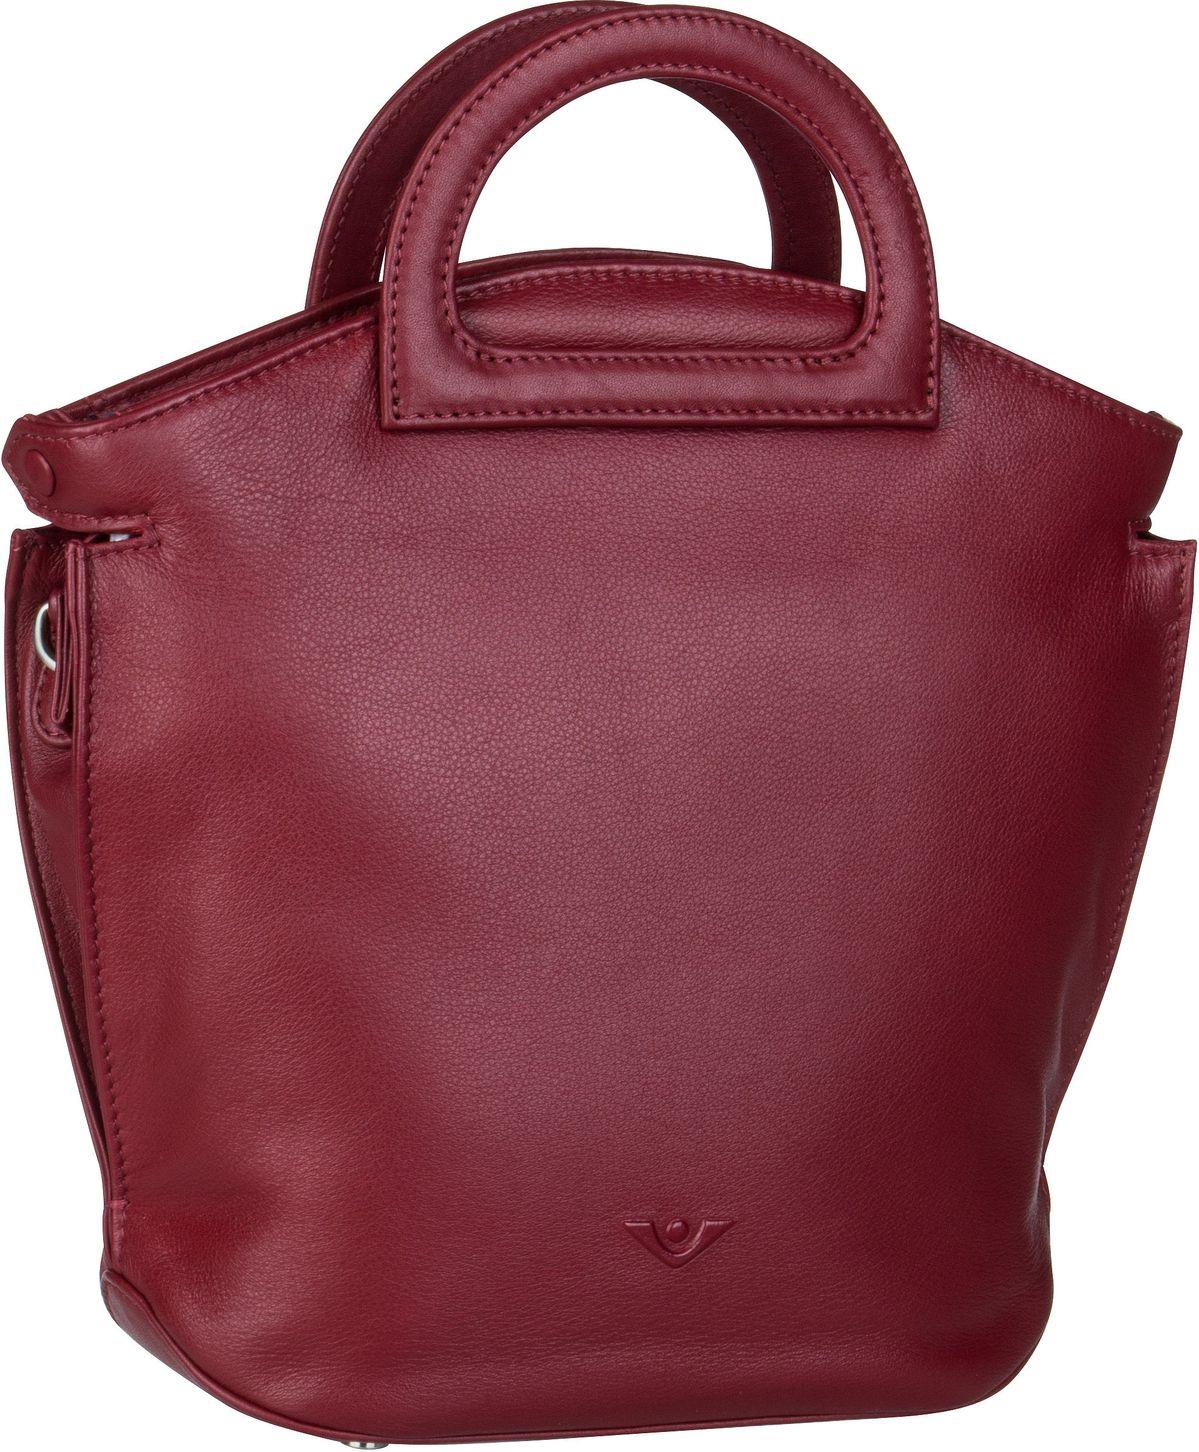 Voi Handtasche Soft 21549 Kurzgrifftasche Granat